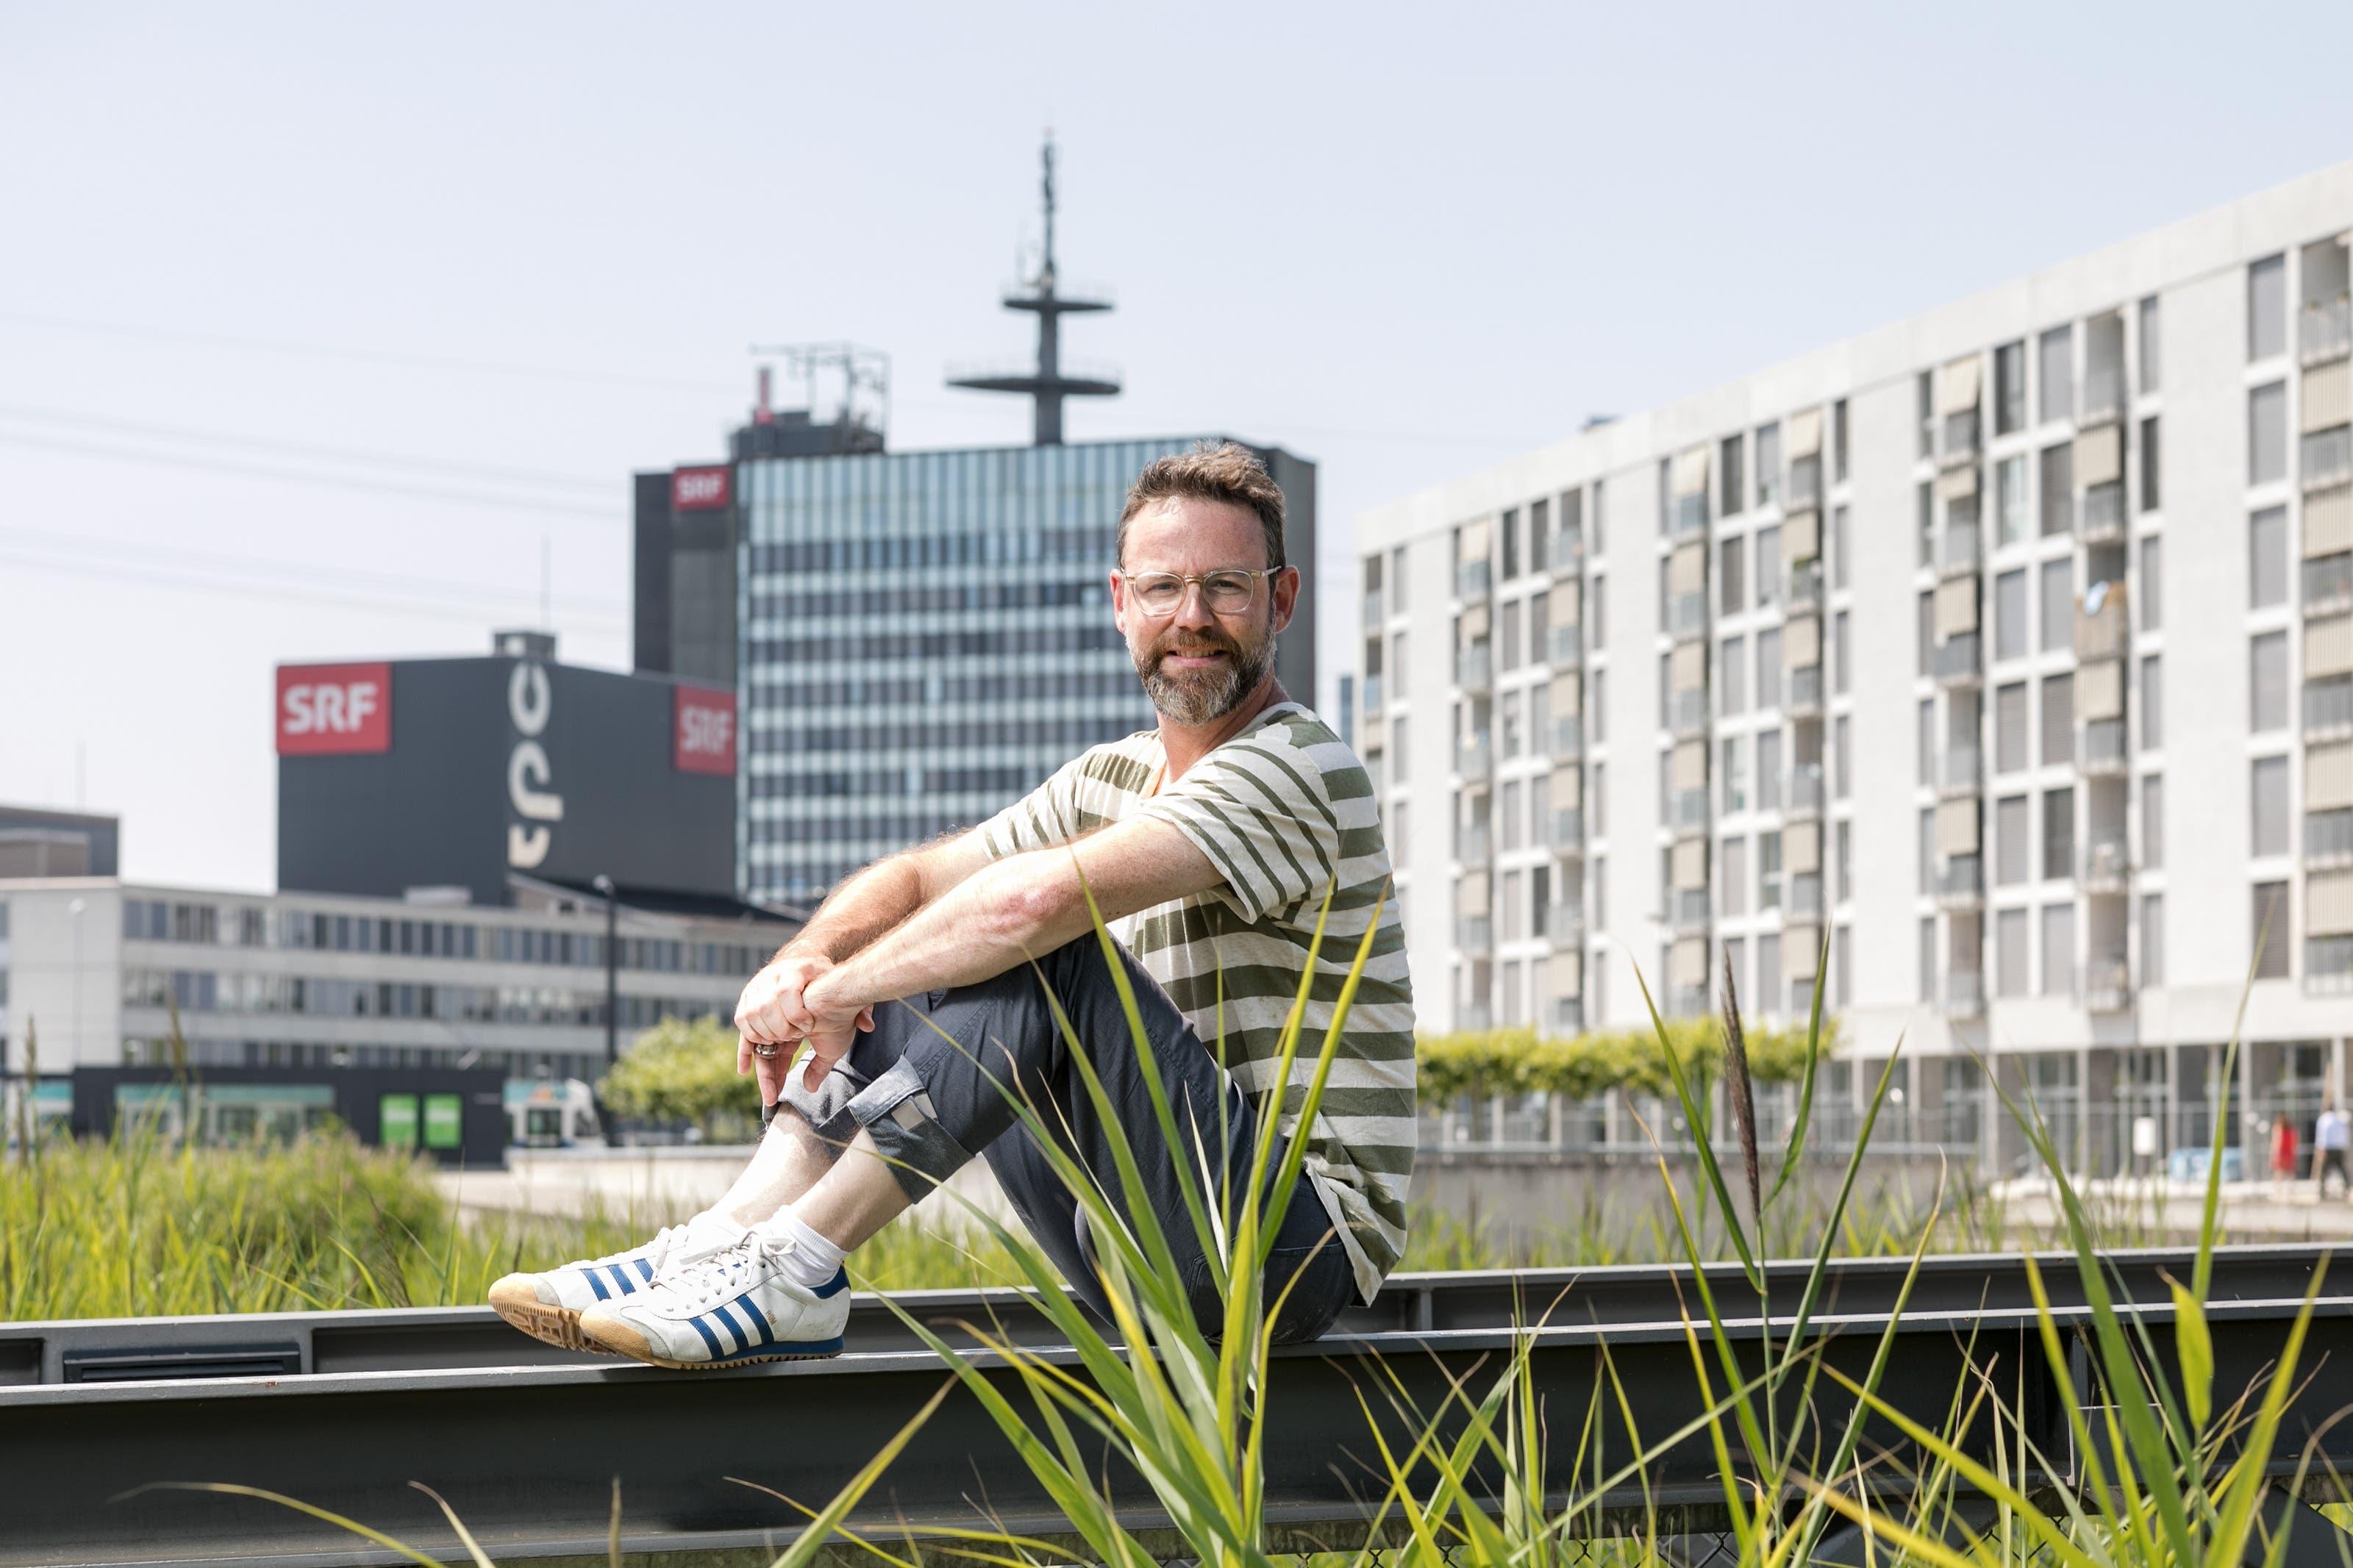 Ab dem 23. August ist Hartmann bei «SRF bi de Lüt – Reise mitohne Hindernis» zu sehen. (Bild: Sandra Ardizzone)